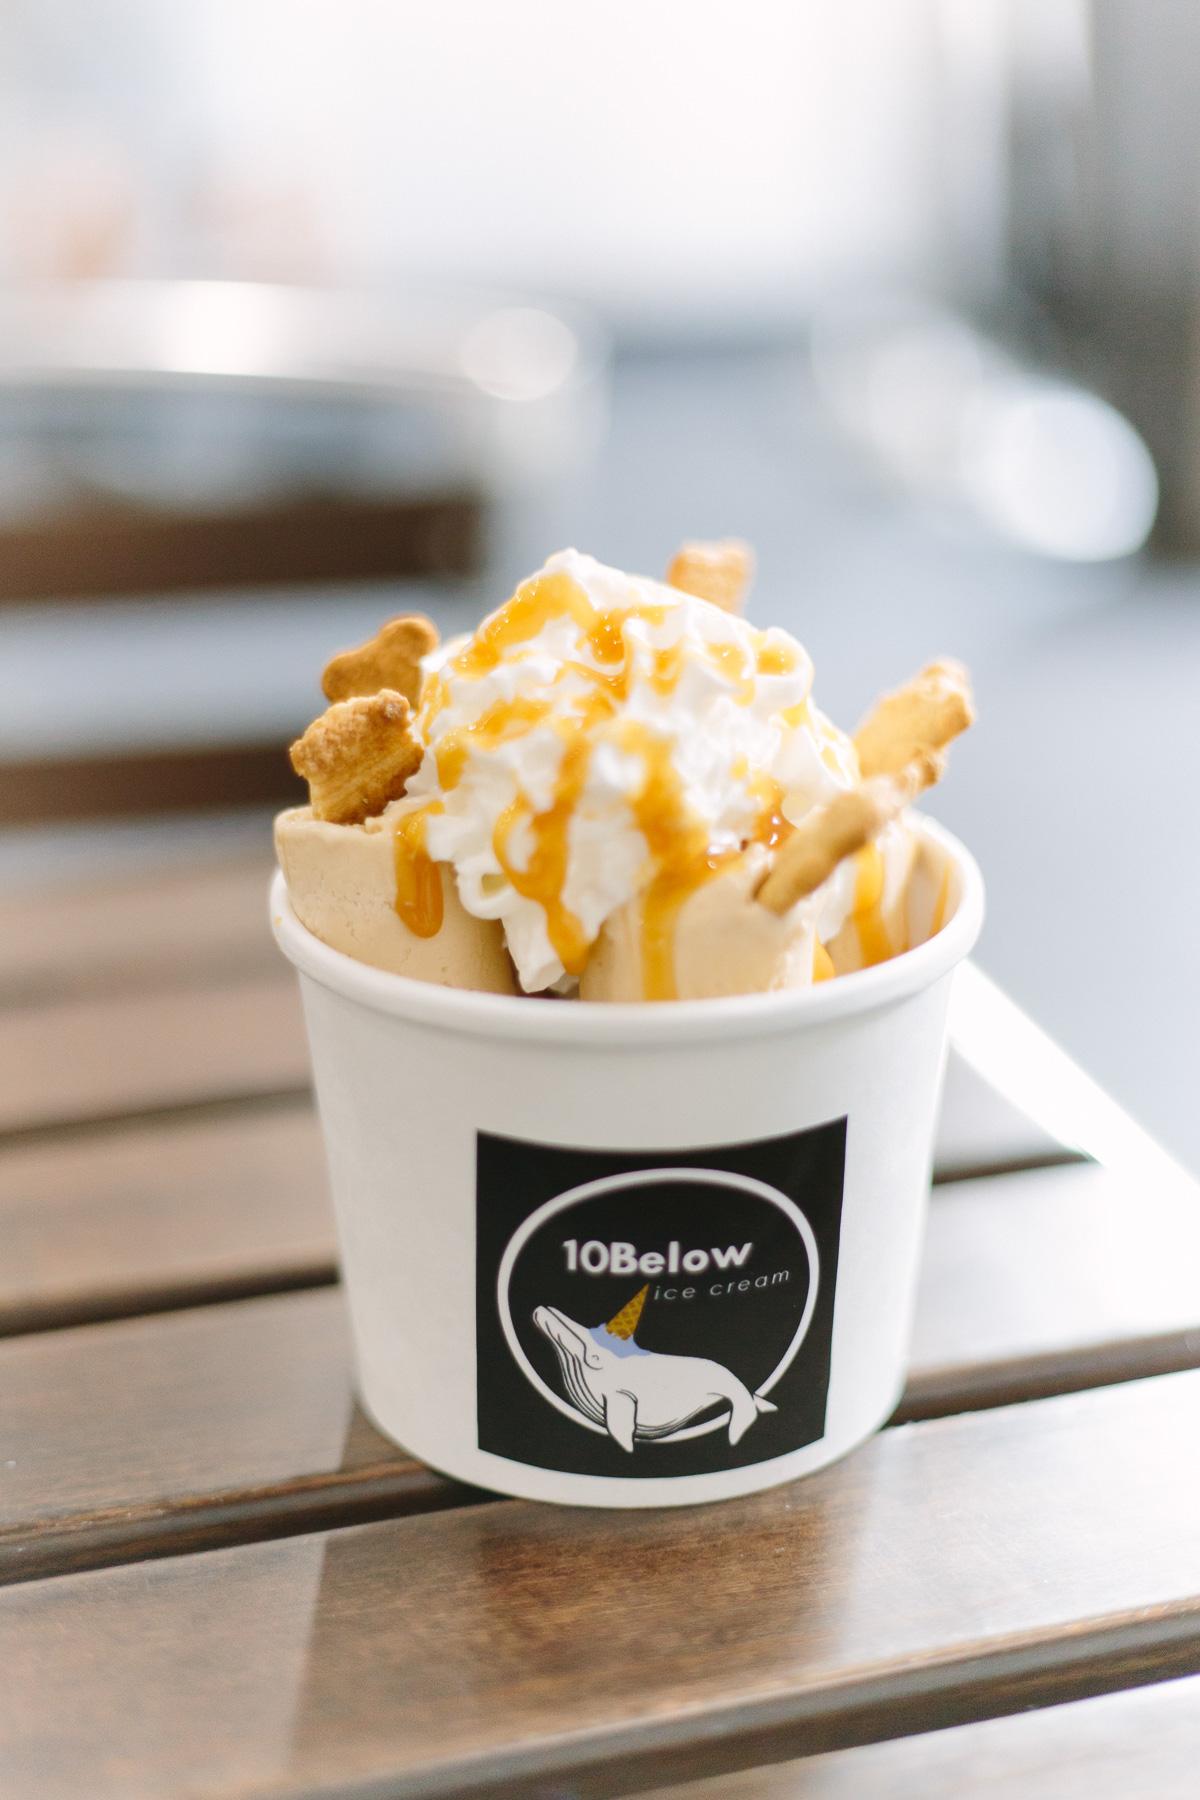 ten-below-ice-cream-5352